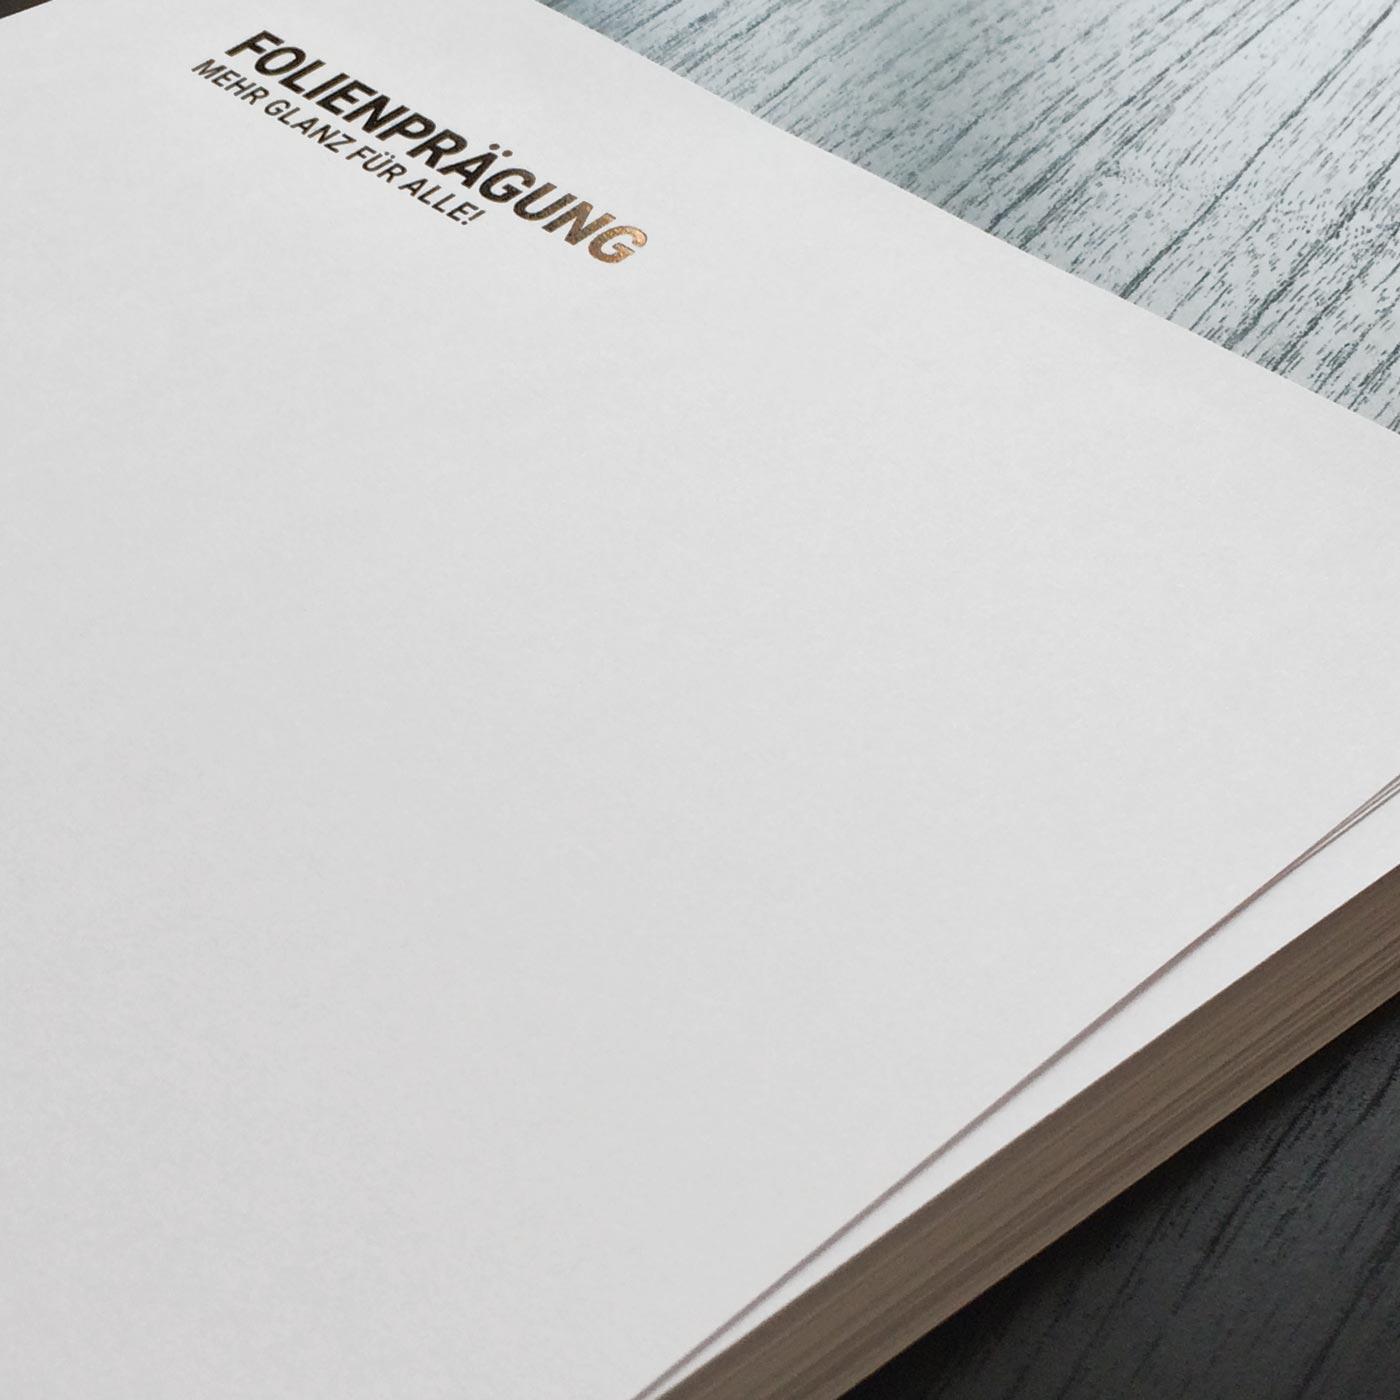 Briefpapiere mit Folienprägung kupfer metallic